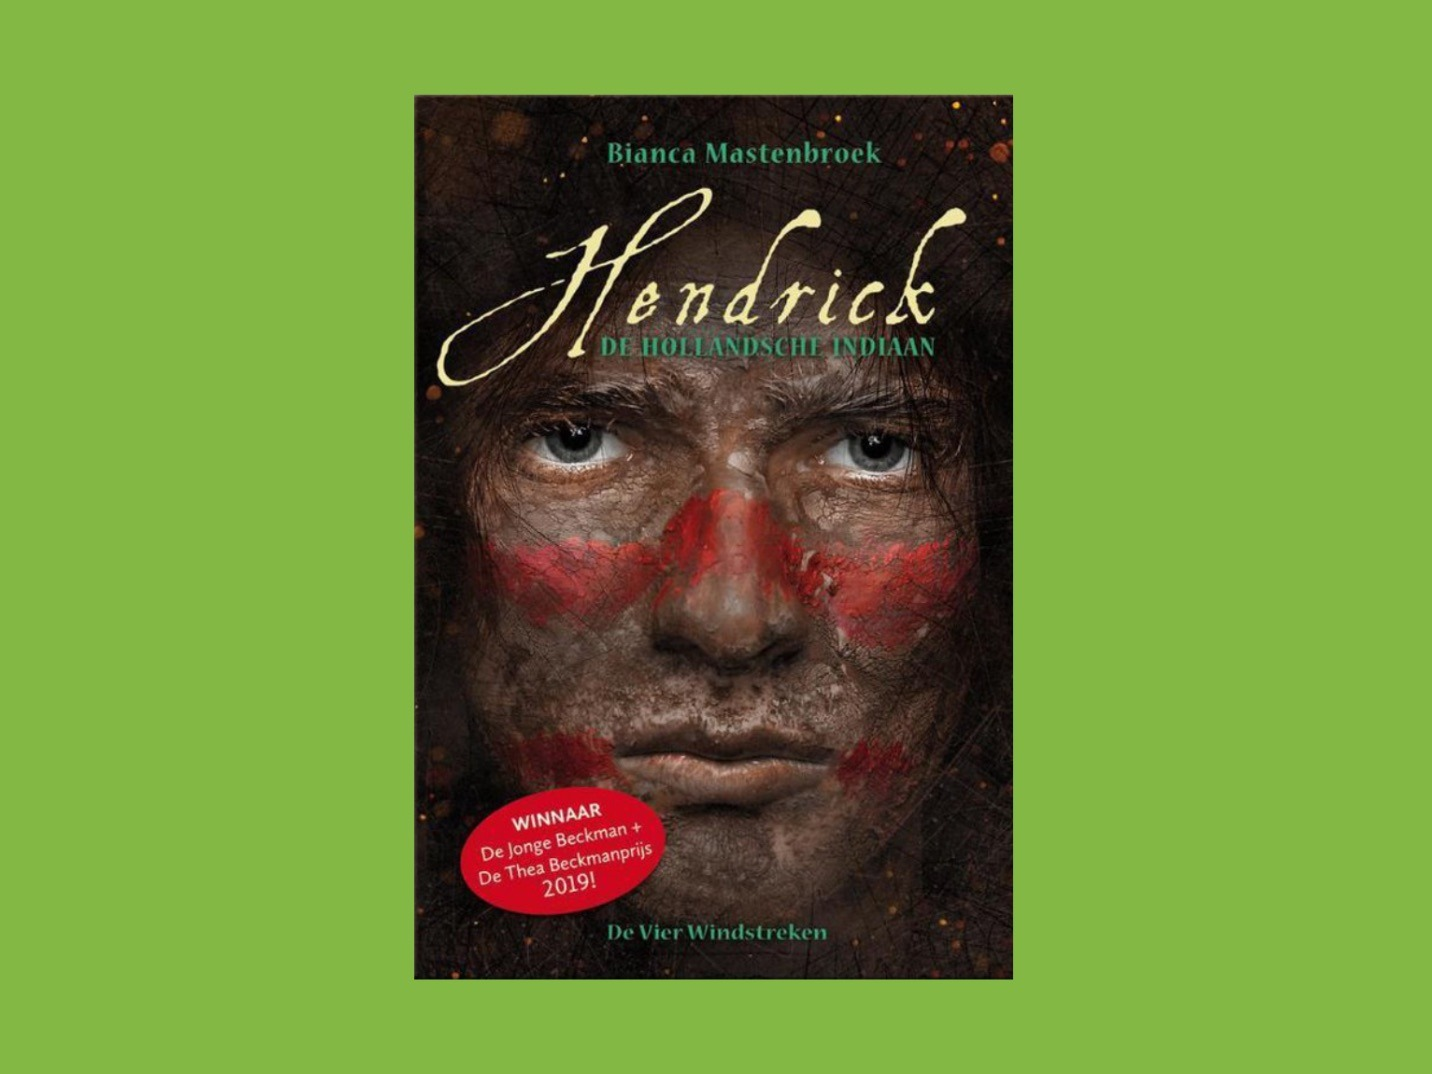 Boekbespreking Hendrick, de Hollandsche Indiaan